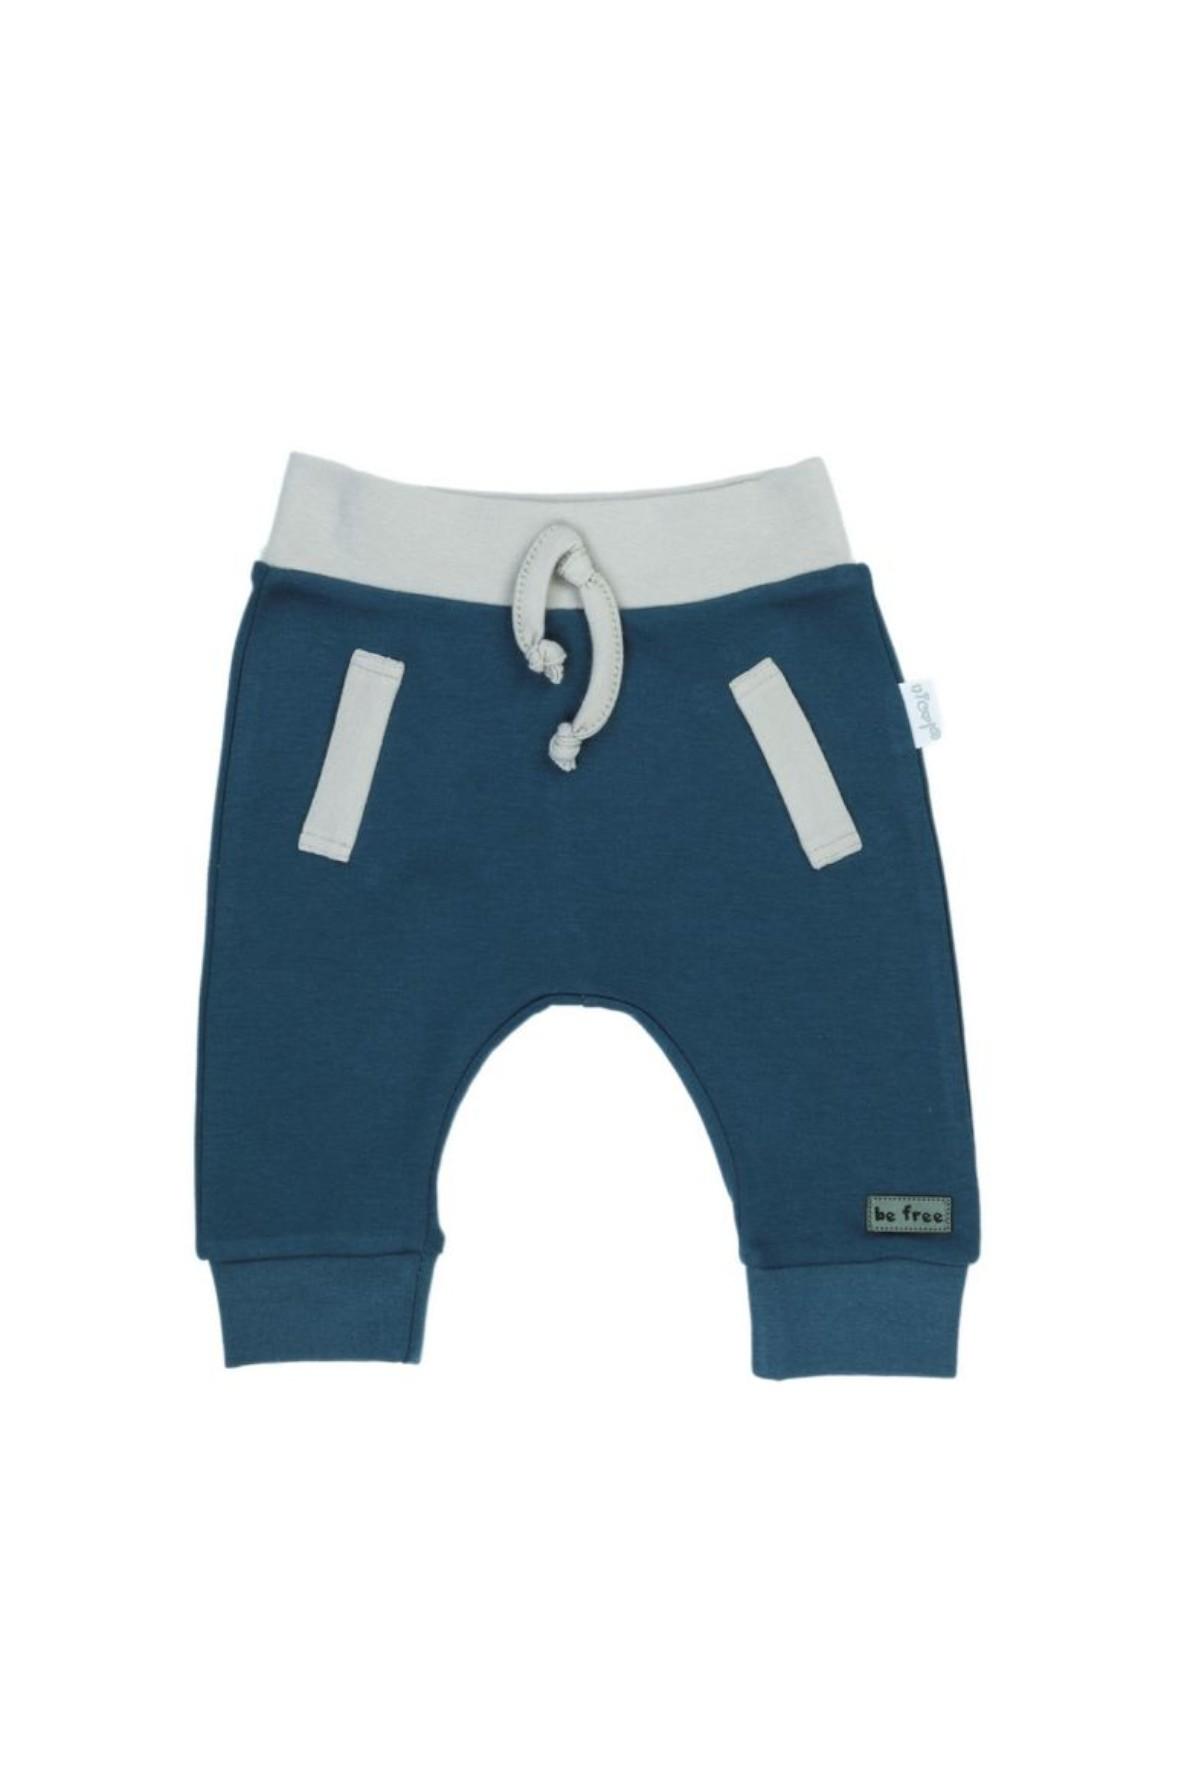 Spodnie dresowe dla chłopca w morskim kolorze